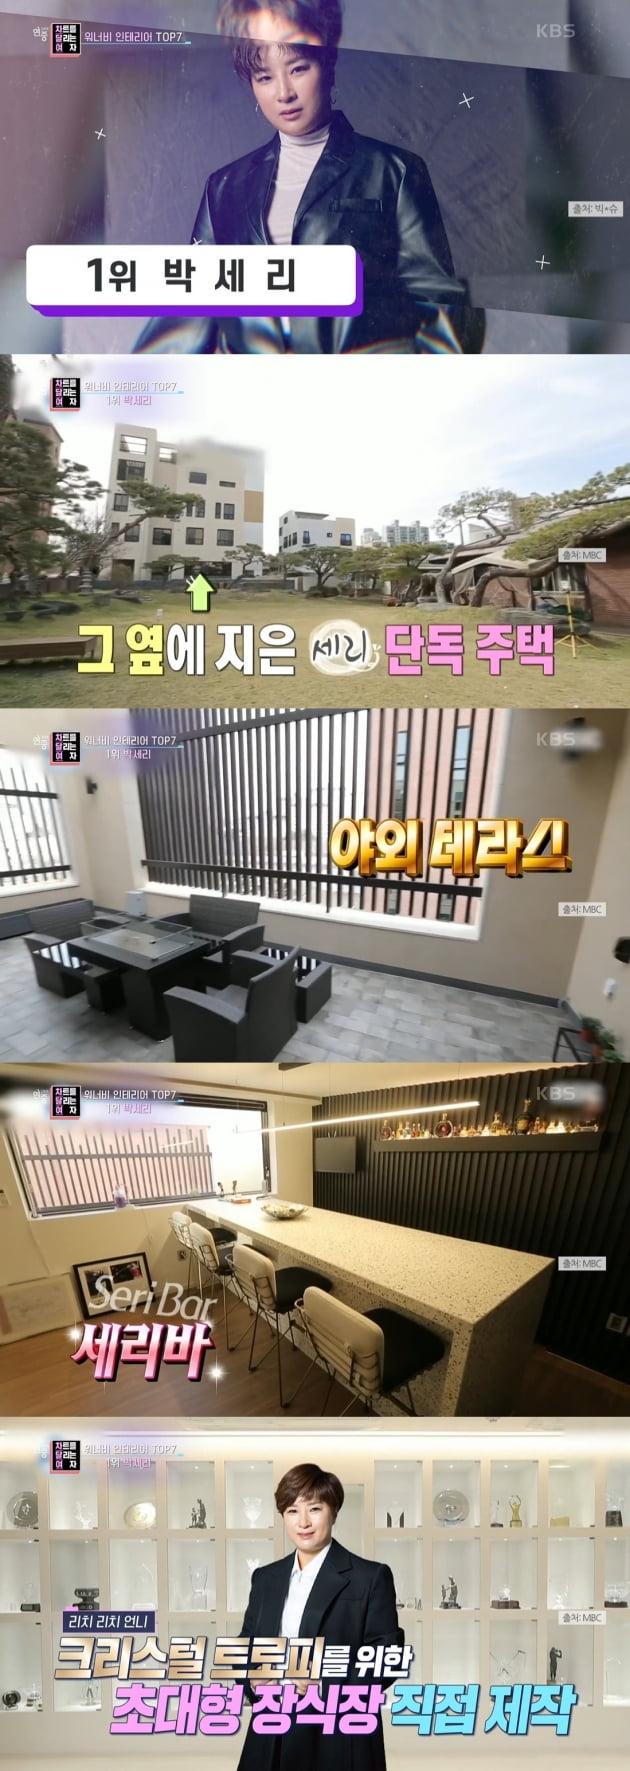 '연중라이브' 차트녀/ 사진=KBS2 캡처